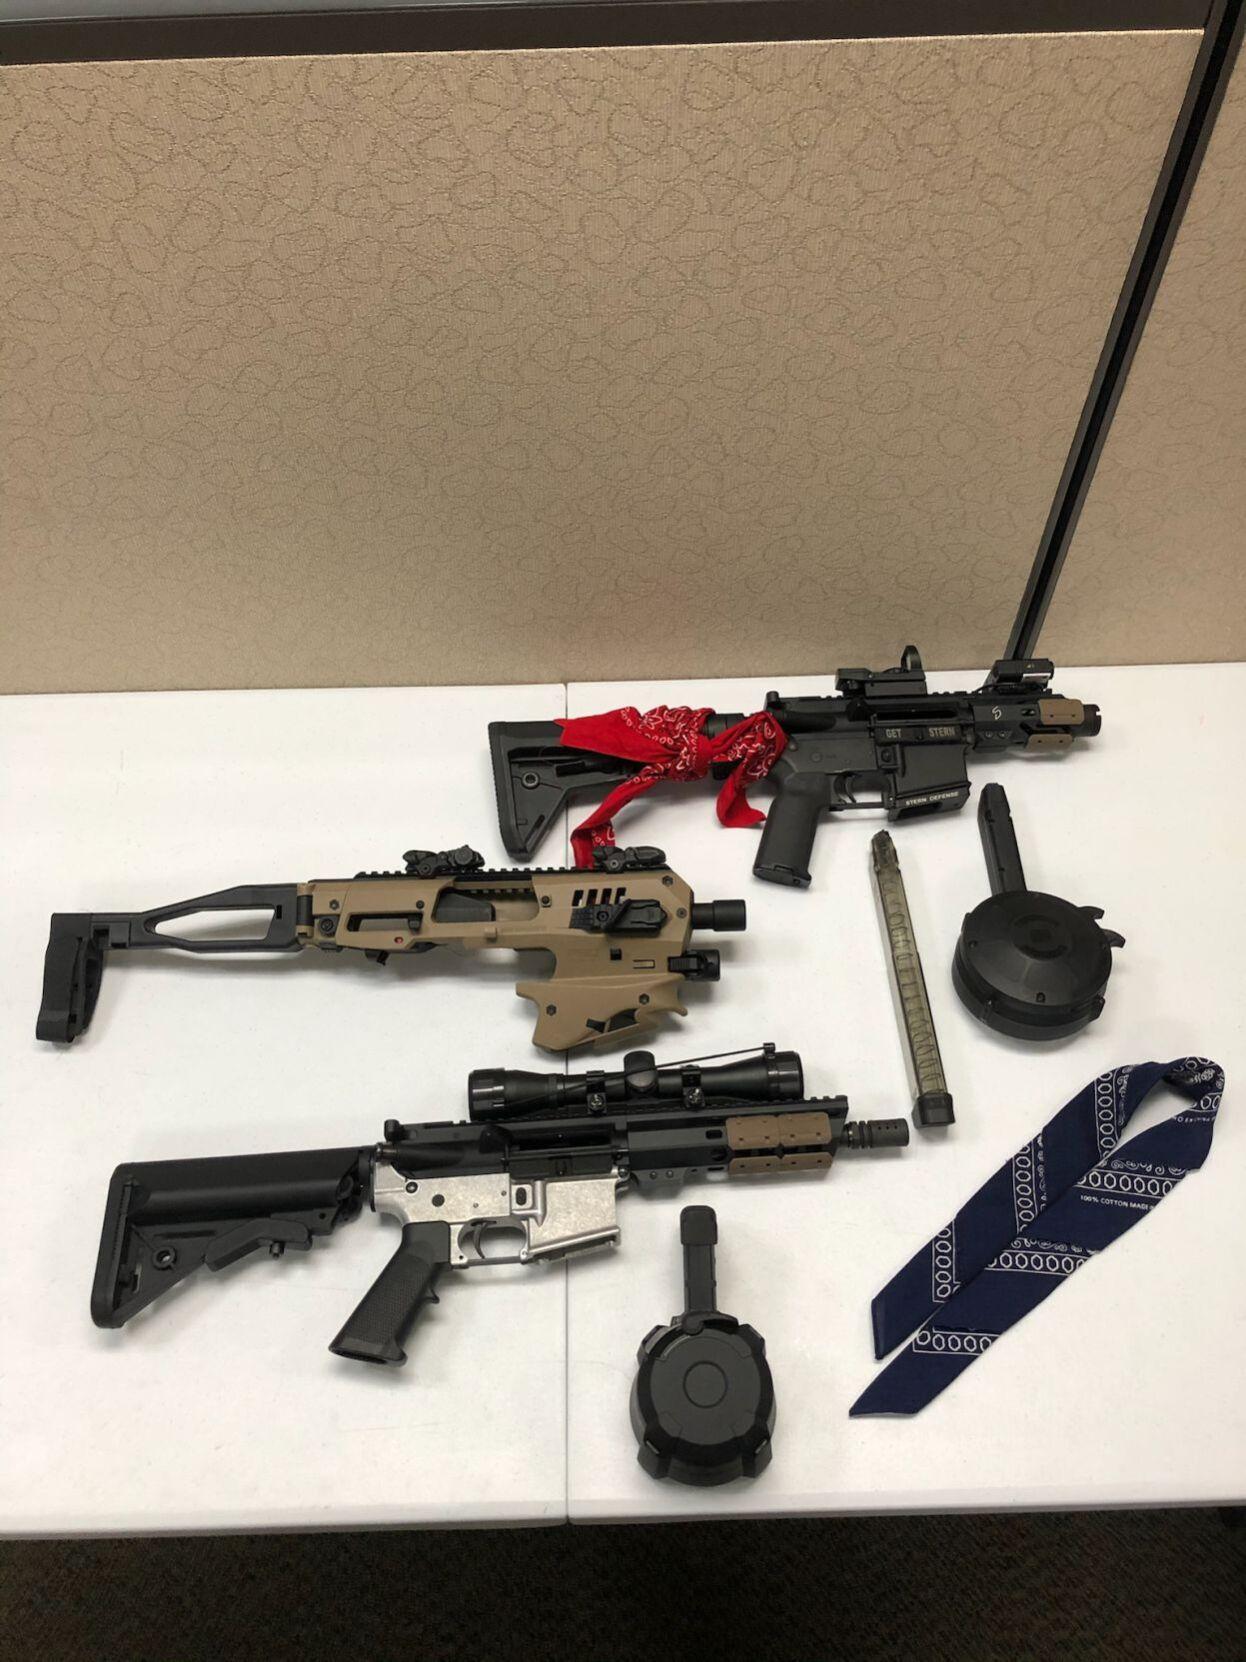 060121 firearm arrest nipomo.jpg